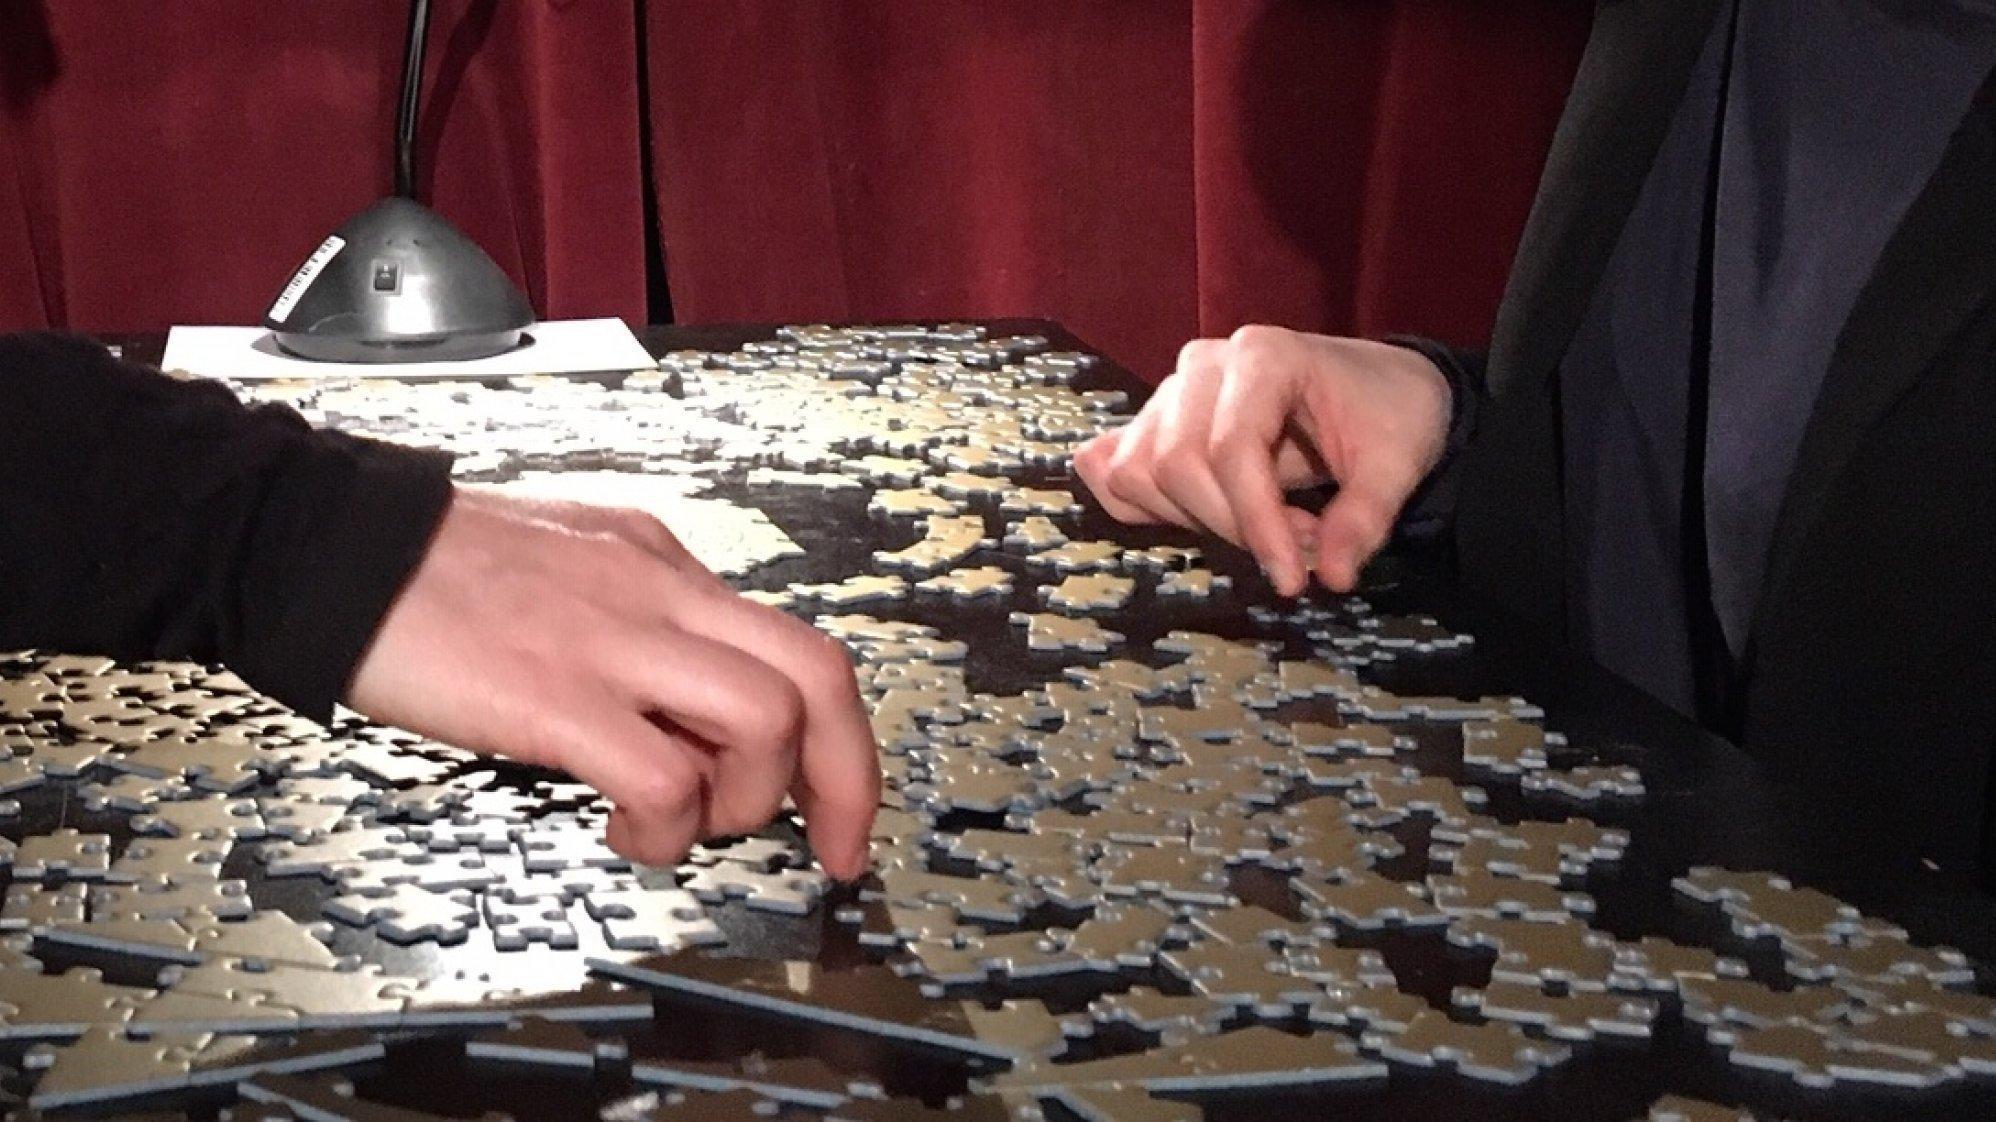 Zwei Menschen sitzen sich gegenüber und puzzlen gemeinsam. Man sieht nur ihre Hände. Die einfarbig goldenen Puzzleteile unterscheiden sich nur durch ihre Form.